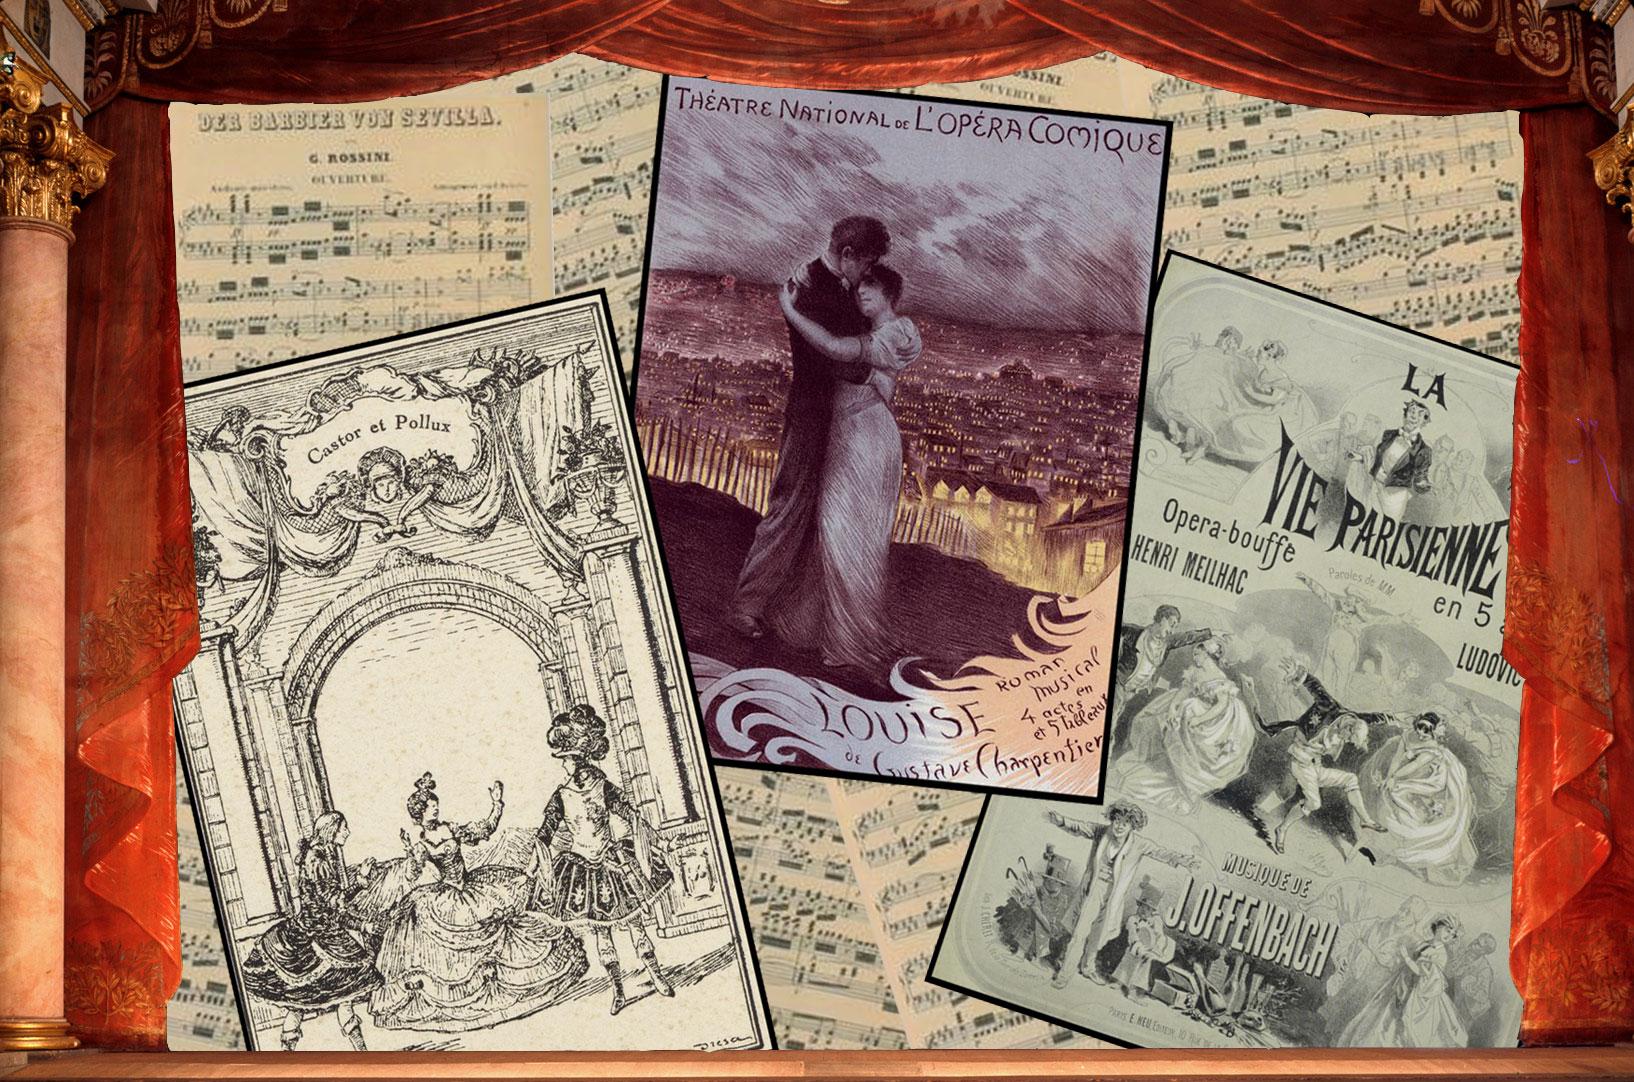 Montage d'après des affiches de Castor et Pollux, Louise, La Vie parisienne et la partition du Barbier de Séville